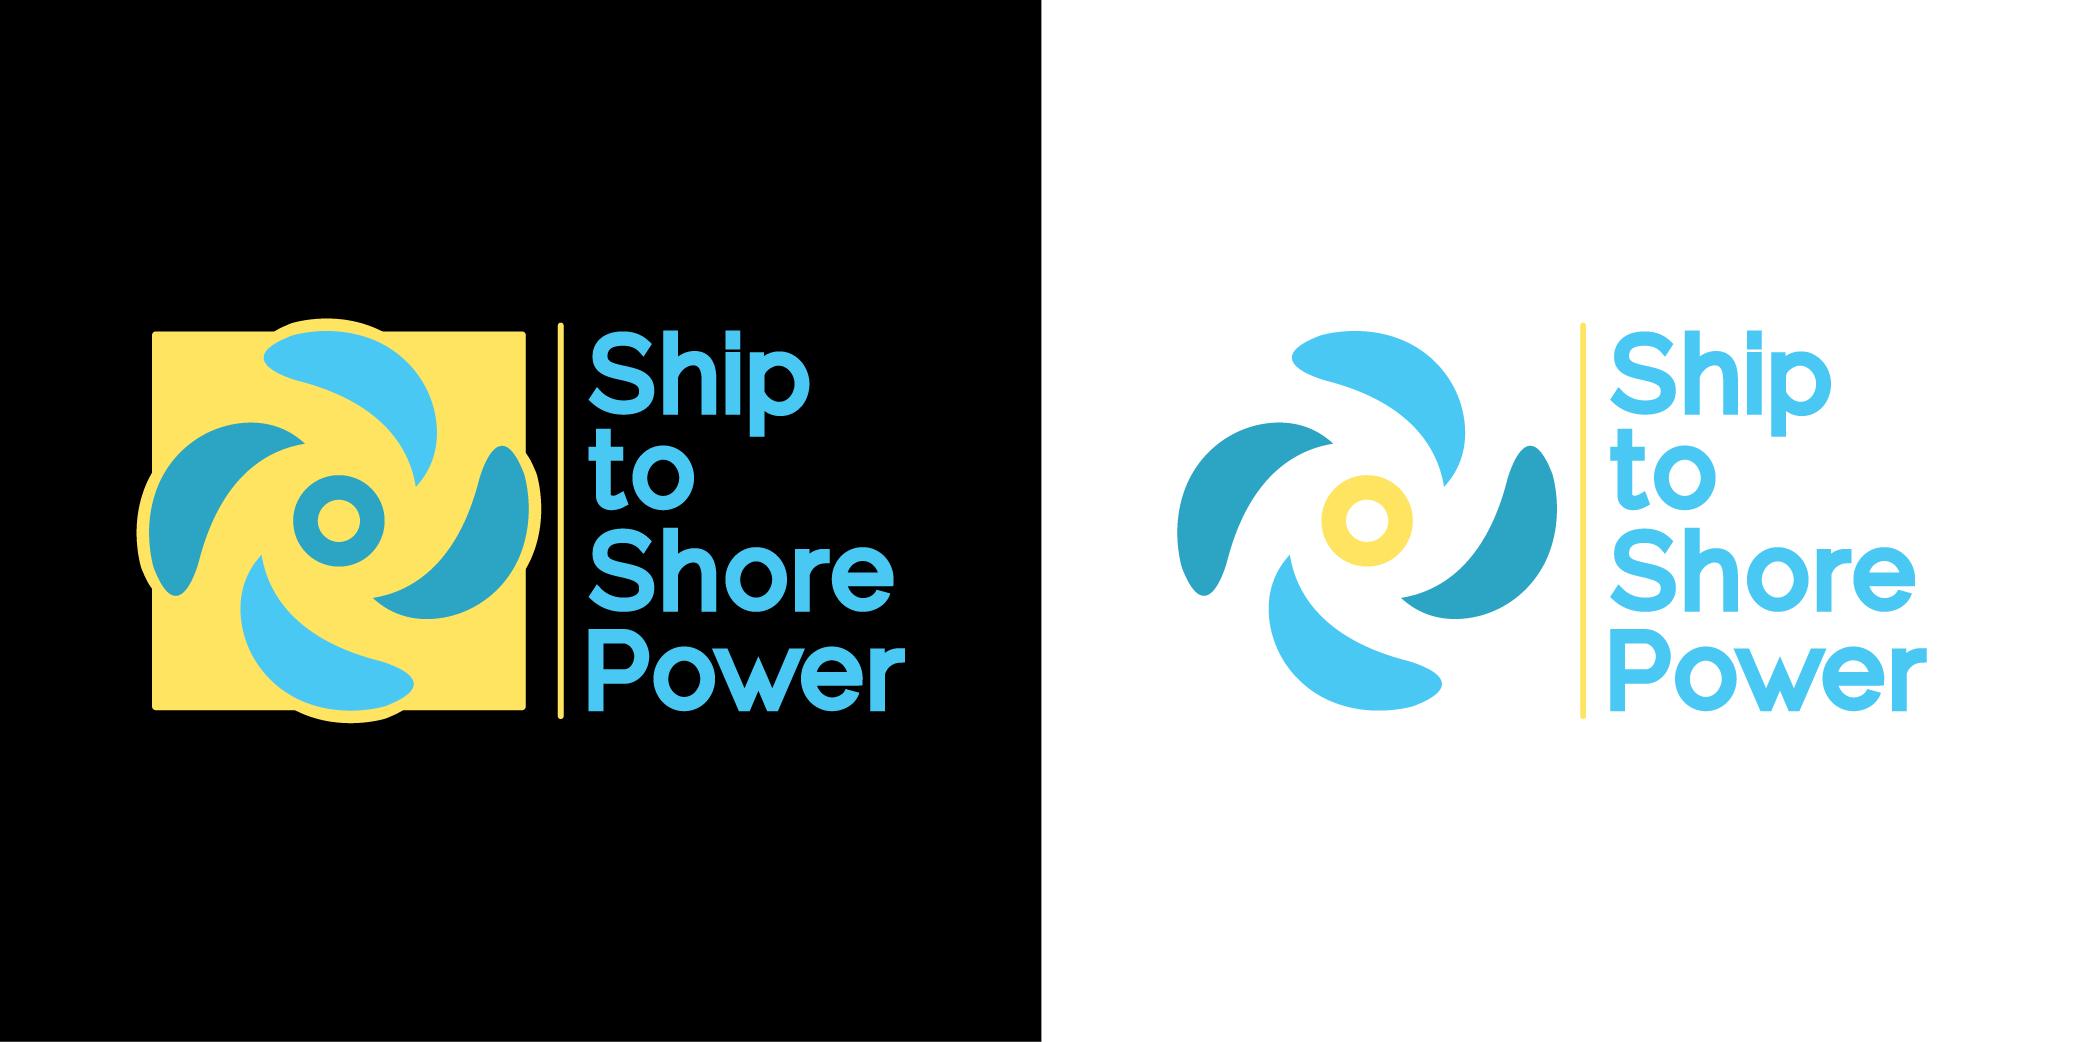 Conept Logos - Ship to Shore Power